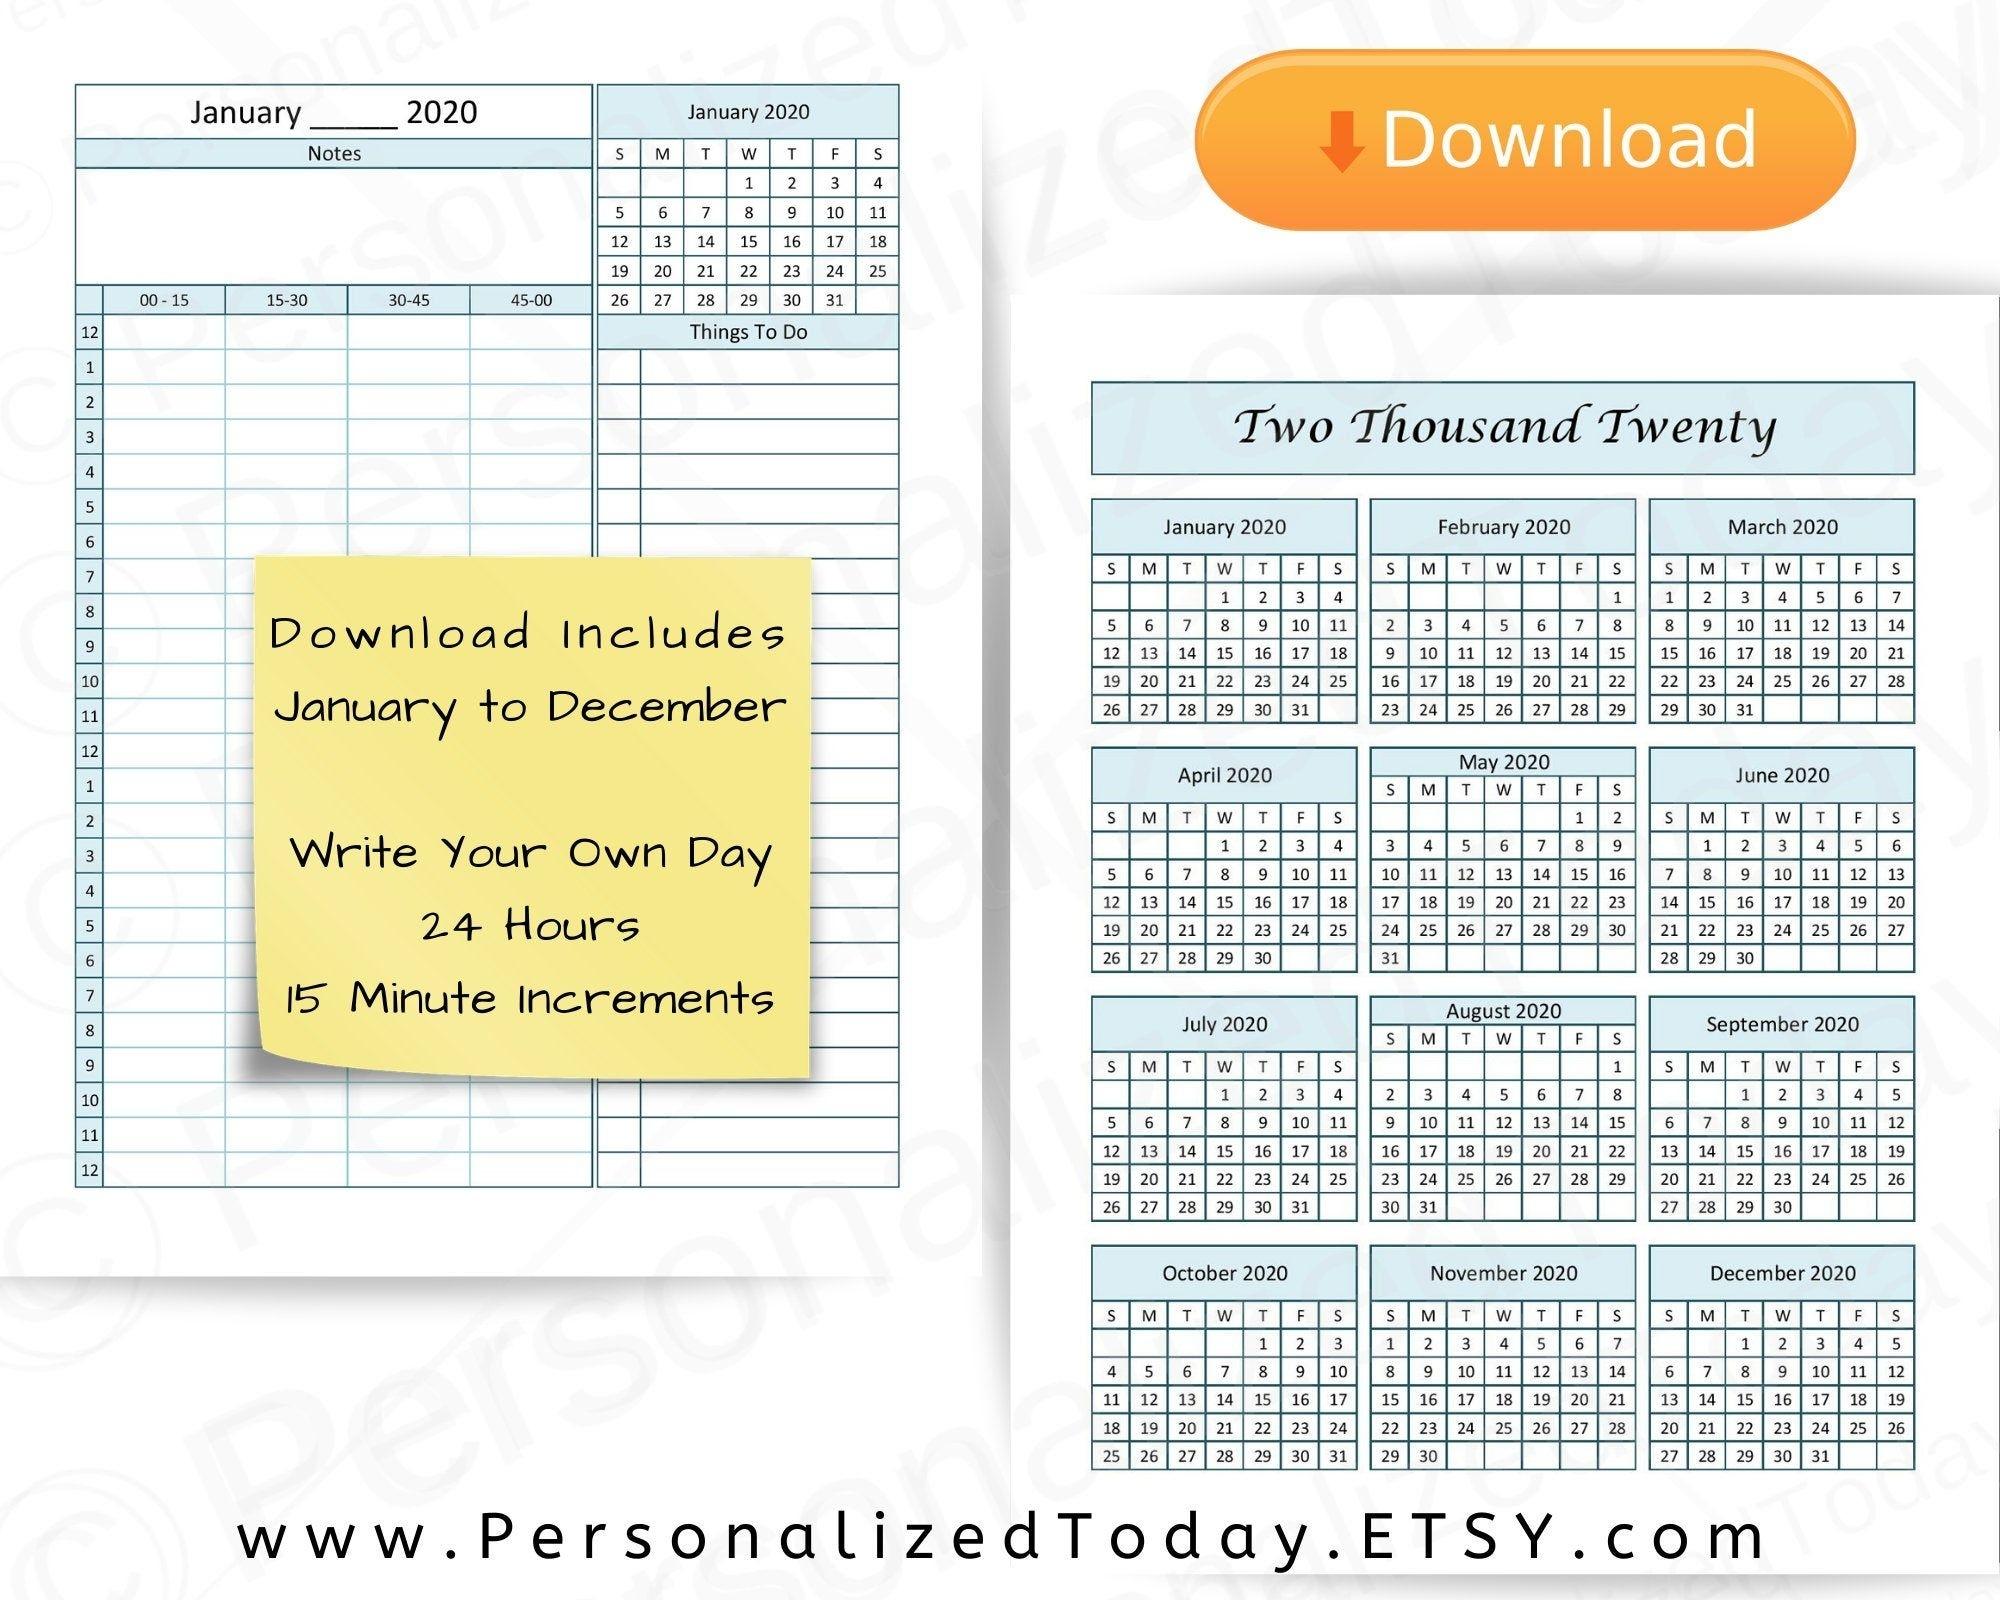 Get 15 Minute Schedule Pdf